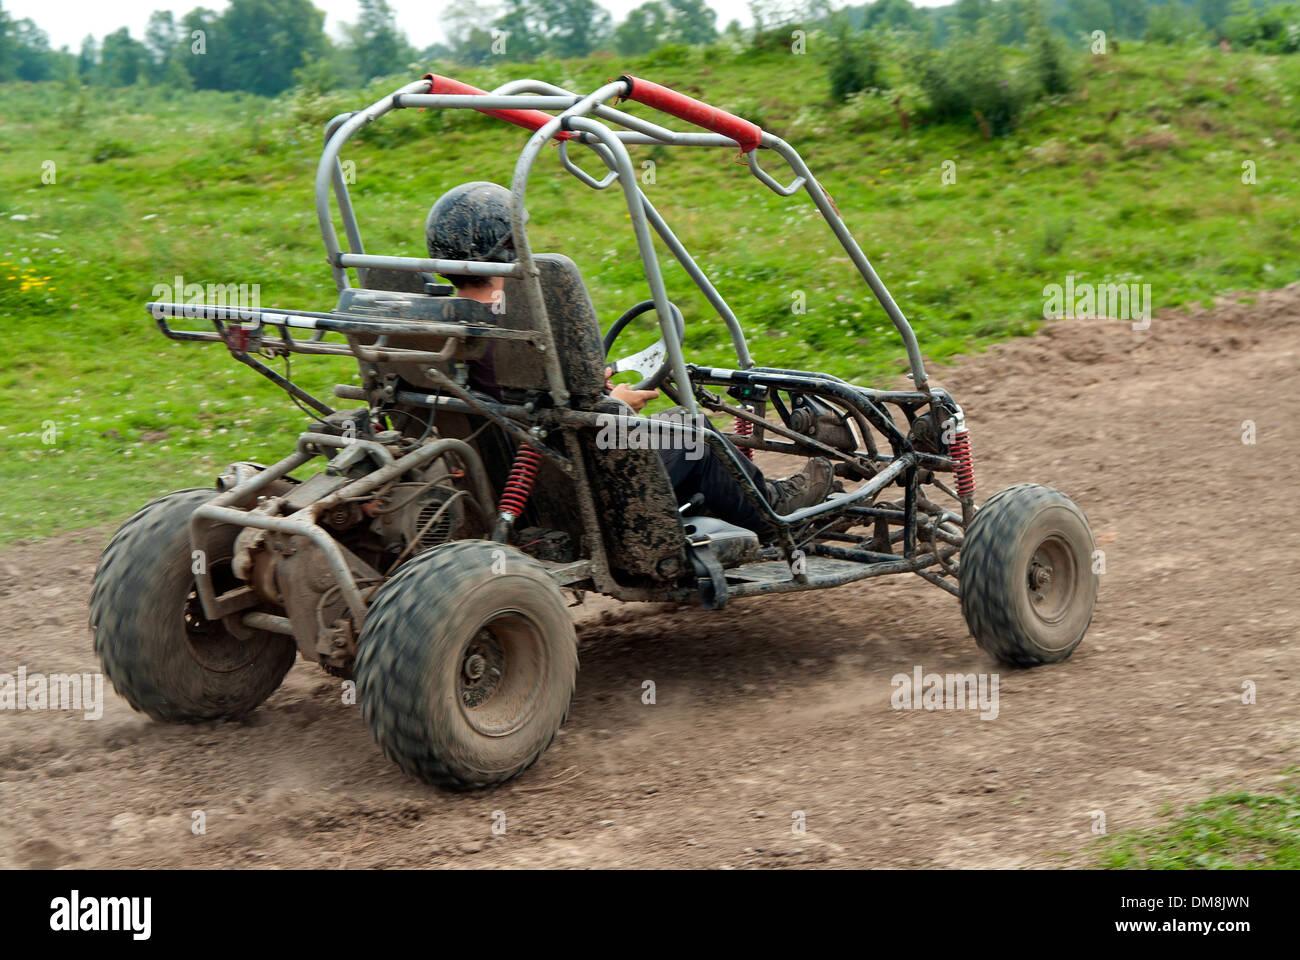 Buggy, veicolo fuoristrada, Canada Immagini Stock